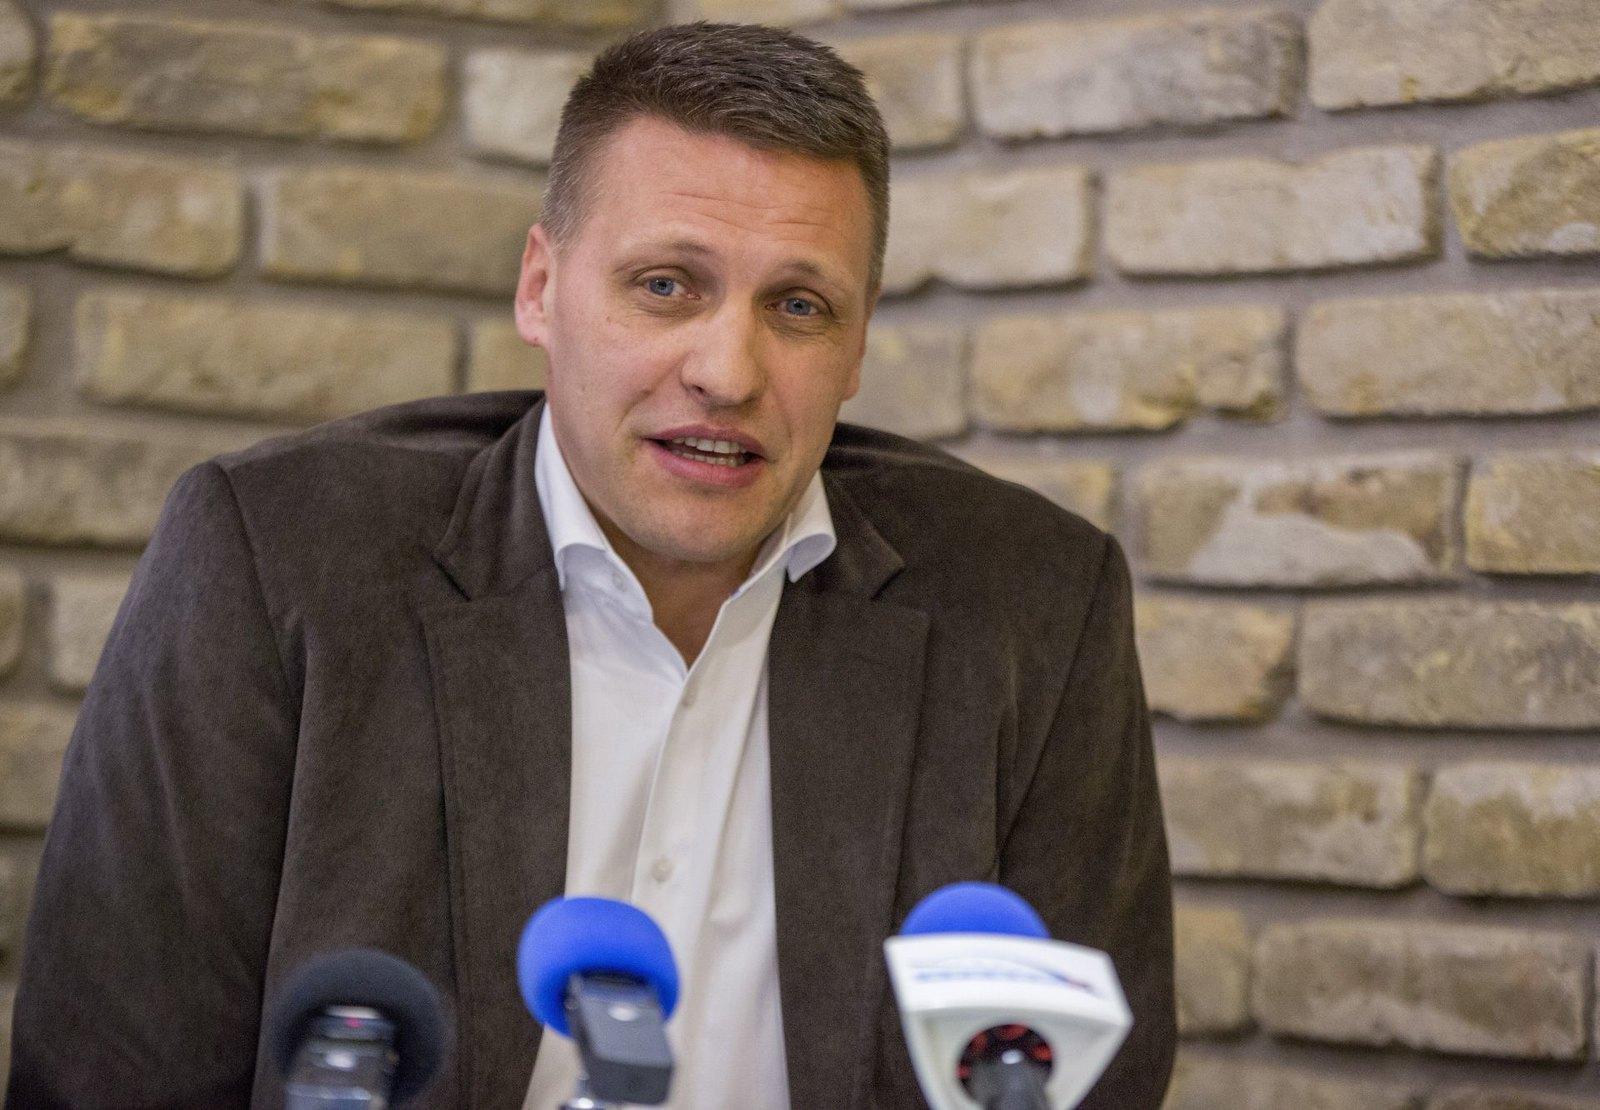 Bartók Csaba elvesztett egy szavazást, aminek megnyerésével már hetekkel korábban büszkélkedett